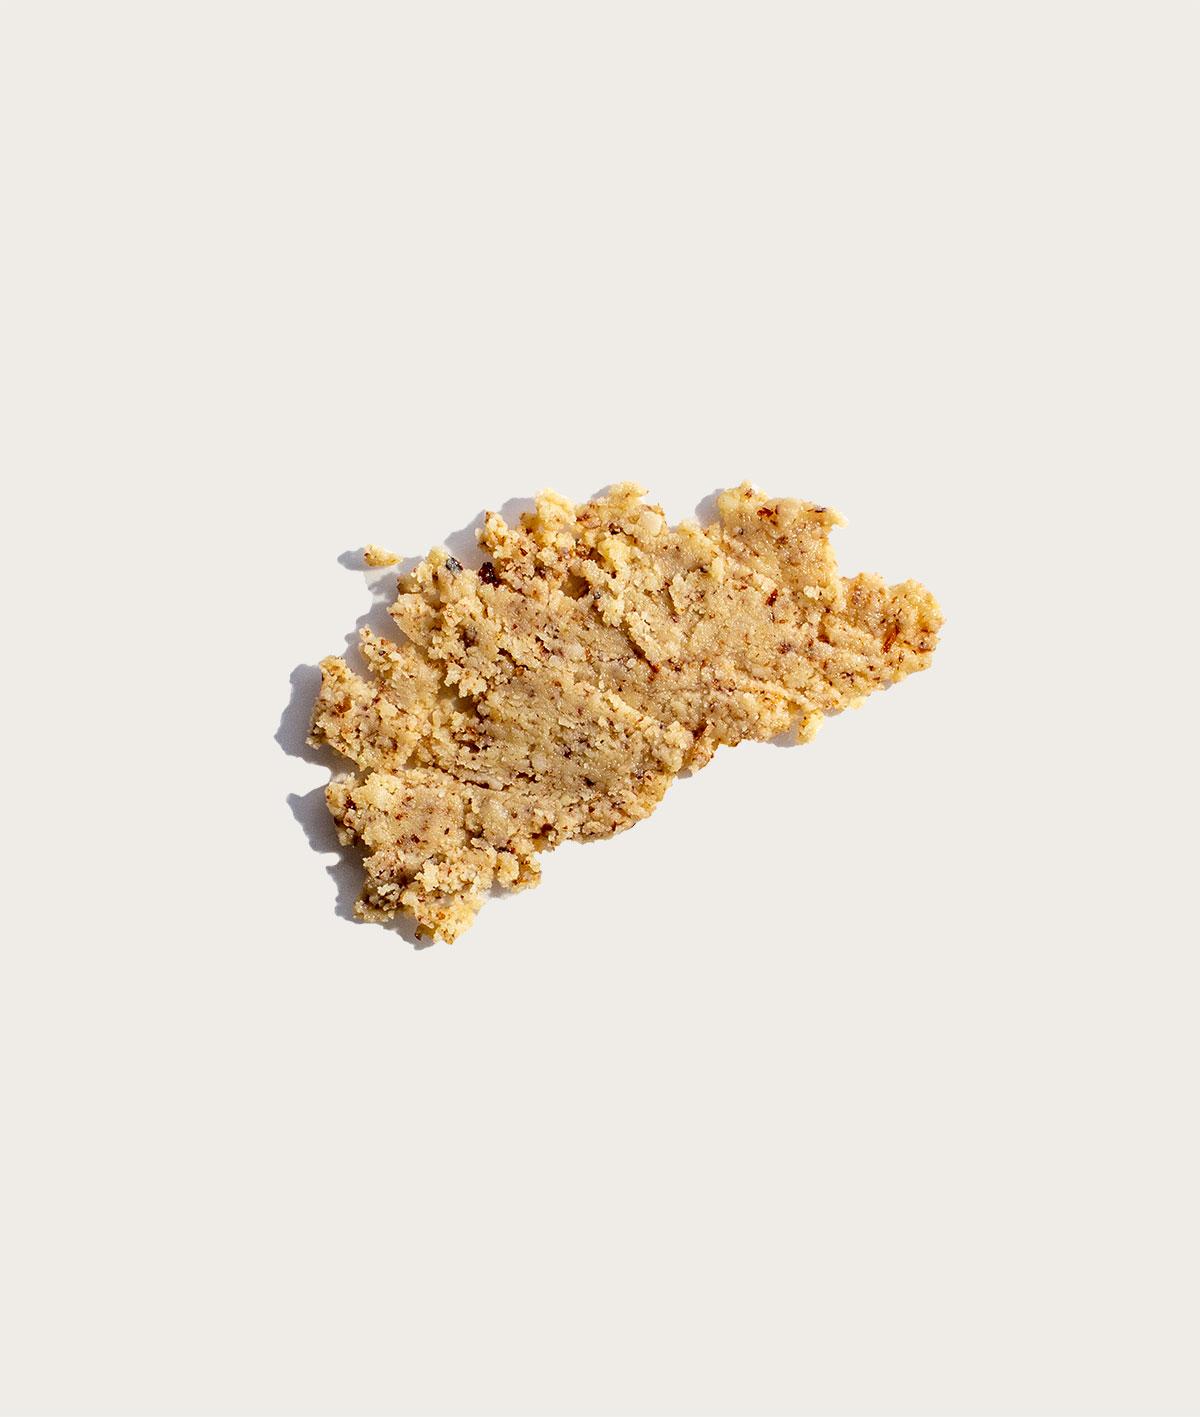 Regenerative Organic Lavender Exfoliant Texture